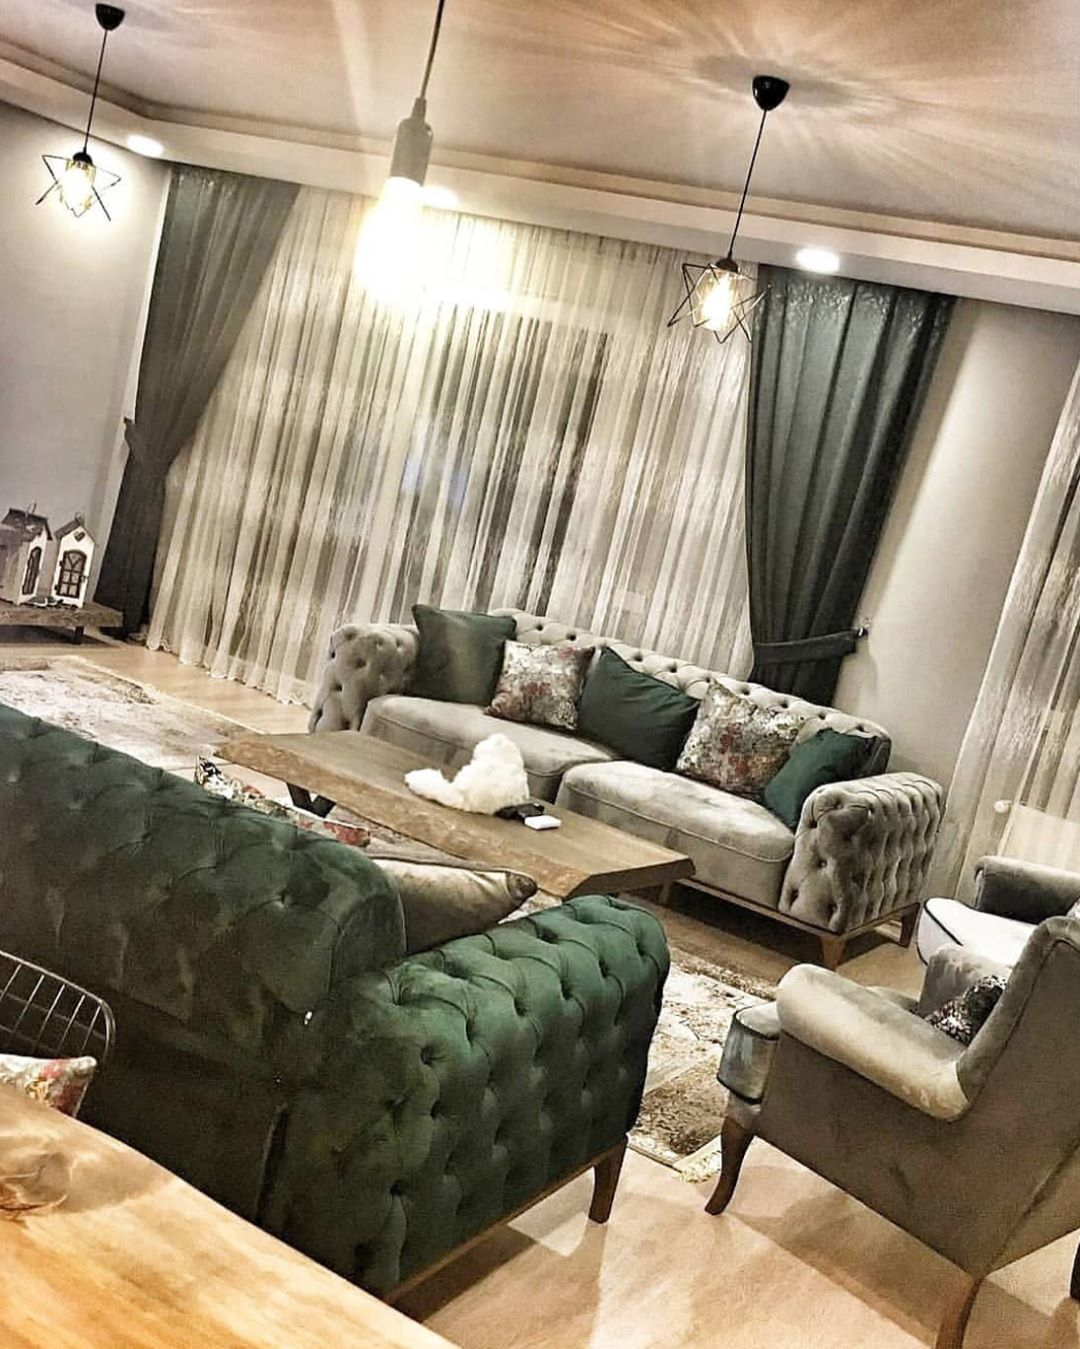 Dekoloji Adli Kullanicinin Instagram Panosundaki Pin Oturma Odasi Tasarimlari Oturma Odasi Dekorasyonu Oturma Odasi Fikirleri